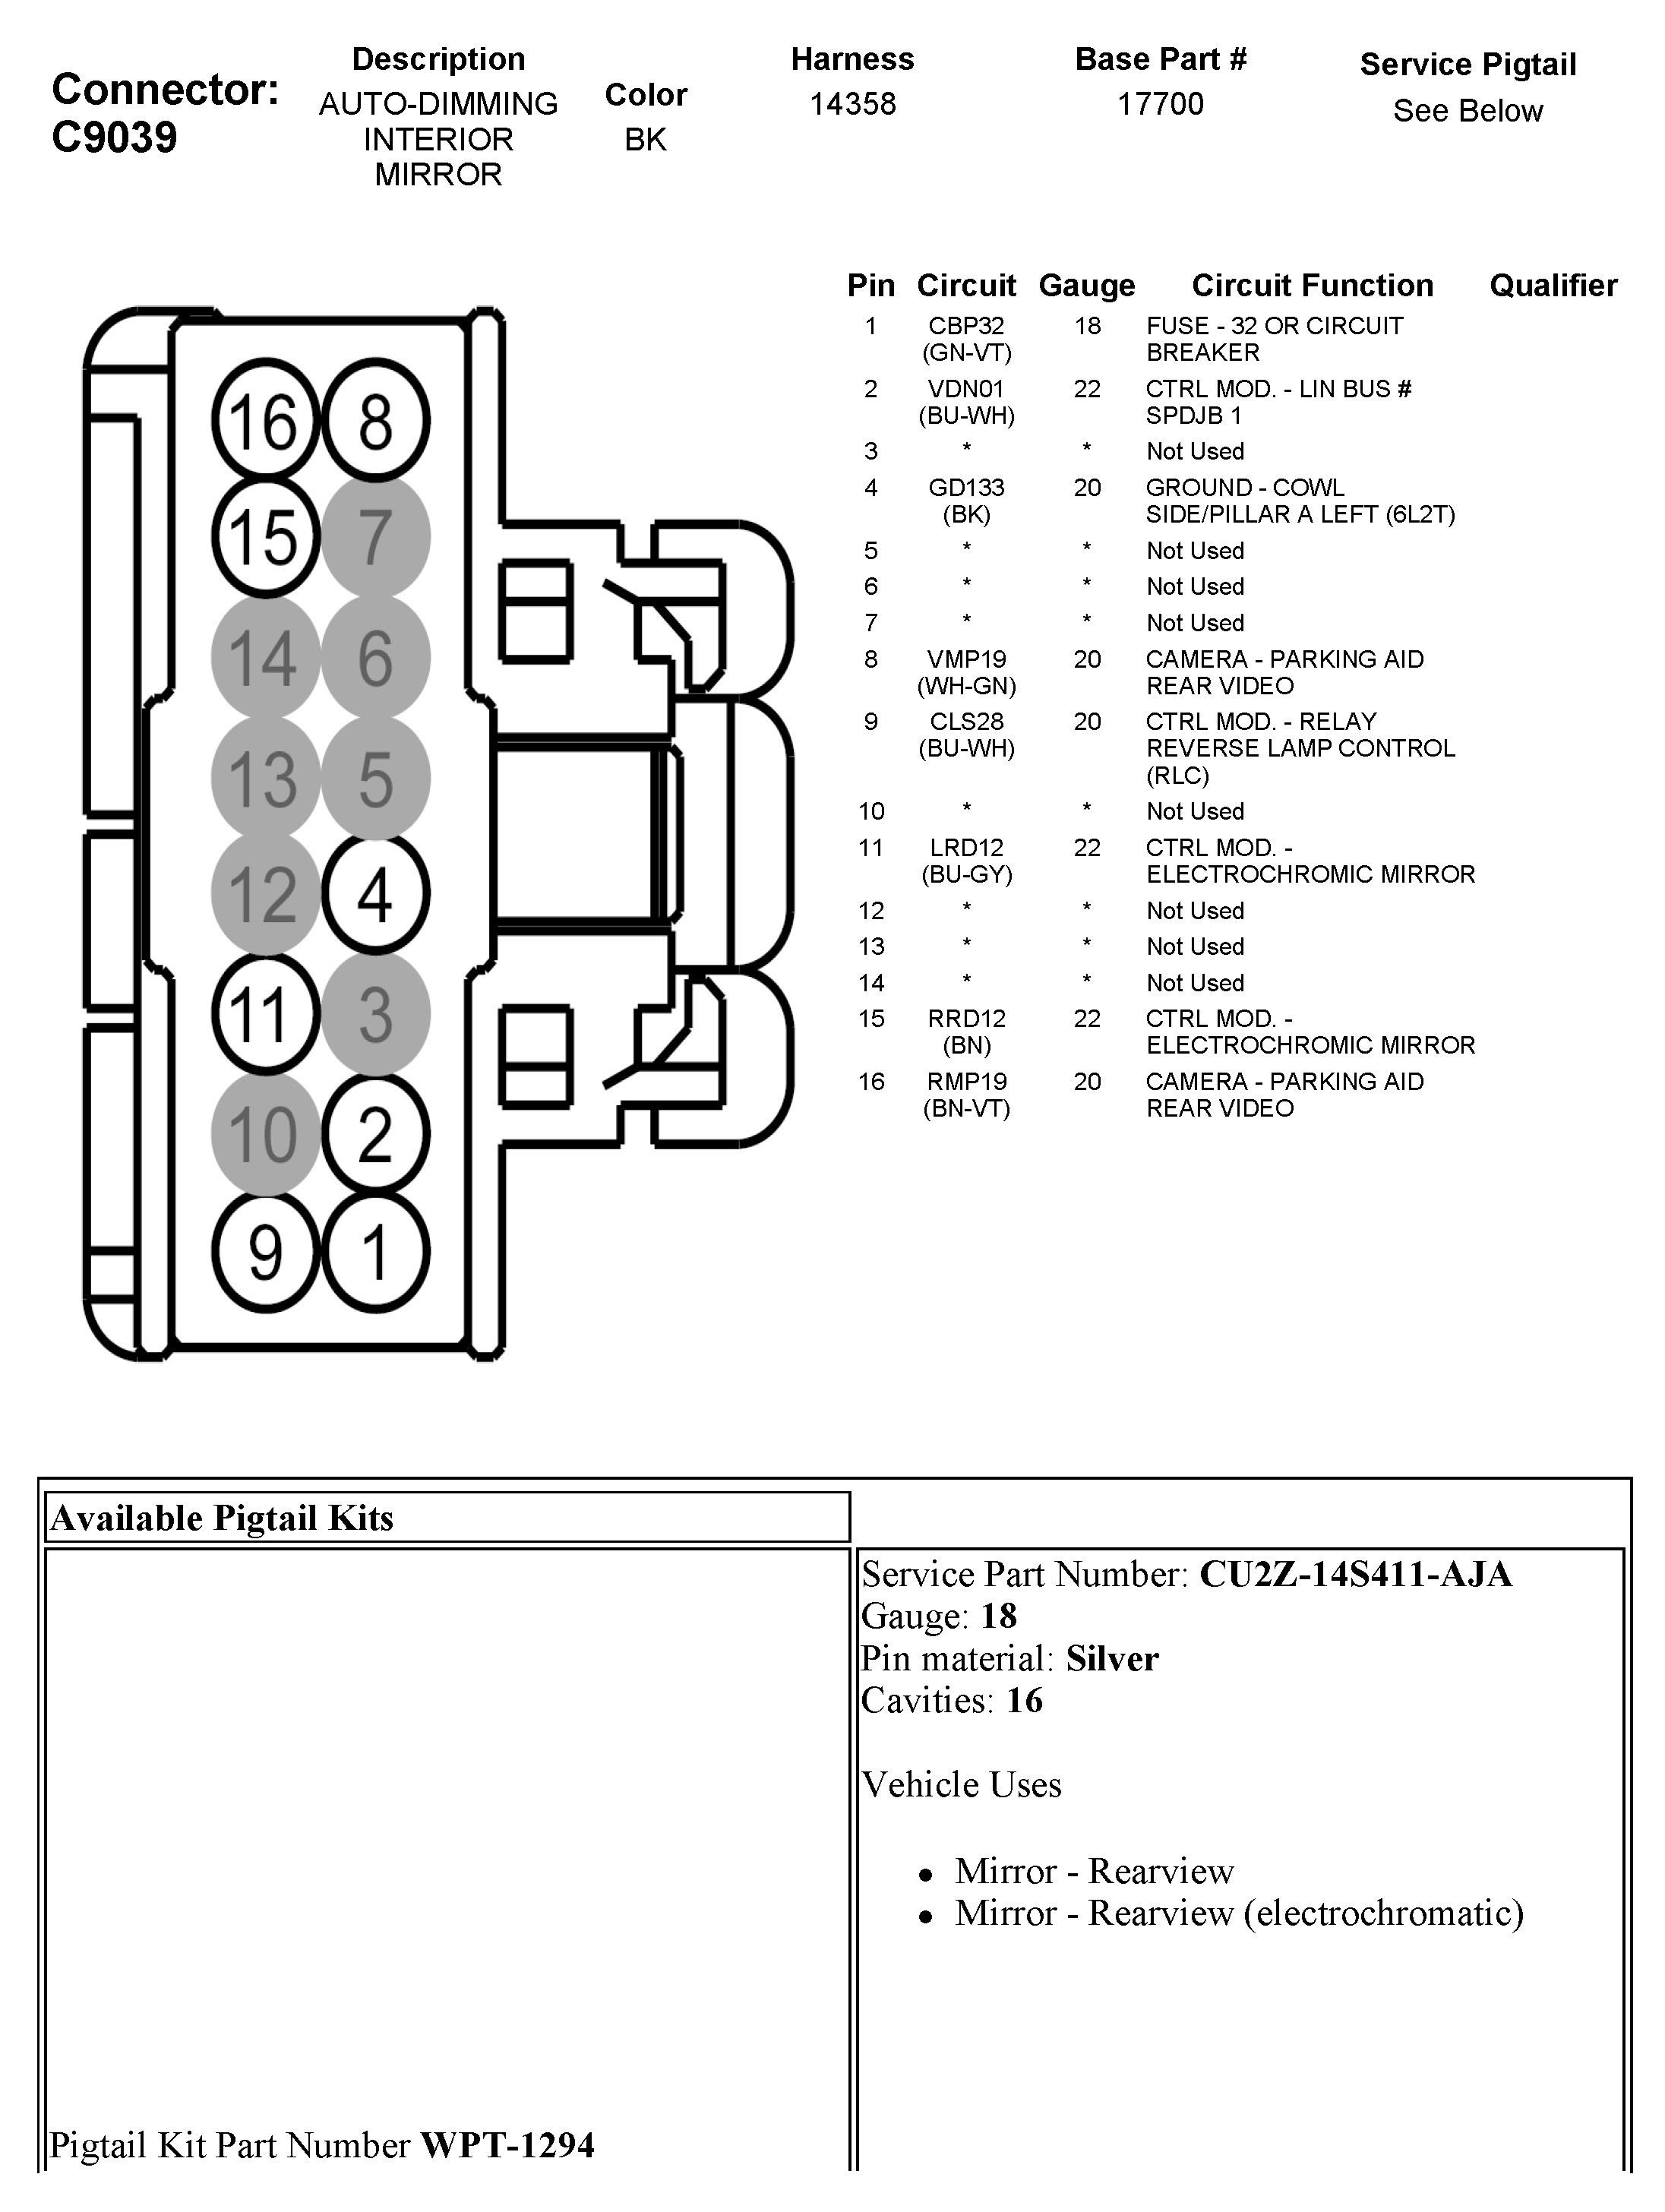 Gentex 10 Pin Wiring Diagram | Wiring Diagram on hid wiring harness, jvc wiring harness, denso wiring harness, sti wiring harness, bmw wiring harness, honda wiring harness, mitsubishi wiring harness, ford wiring harness, apc wiring harness, garmin wiring harness, sony wiring harness, general motors wiring harness, hyundai wiring harness, nissan wiring harness, hella wiring harness, tripp lite wiring harness, pioneer wiring harness, firex wiring harness, delphi wiring harness, cummins wiring harness,